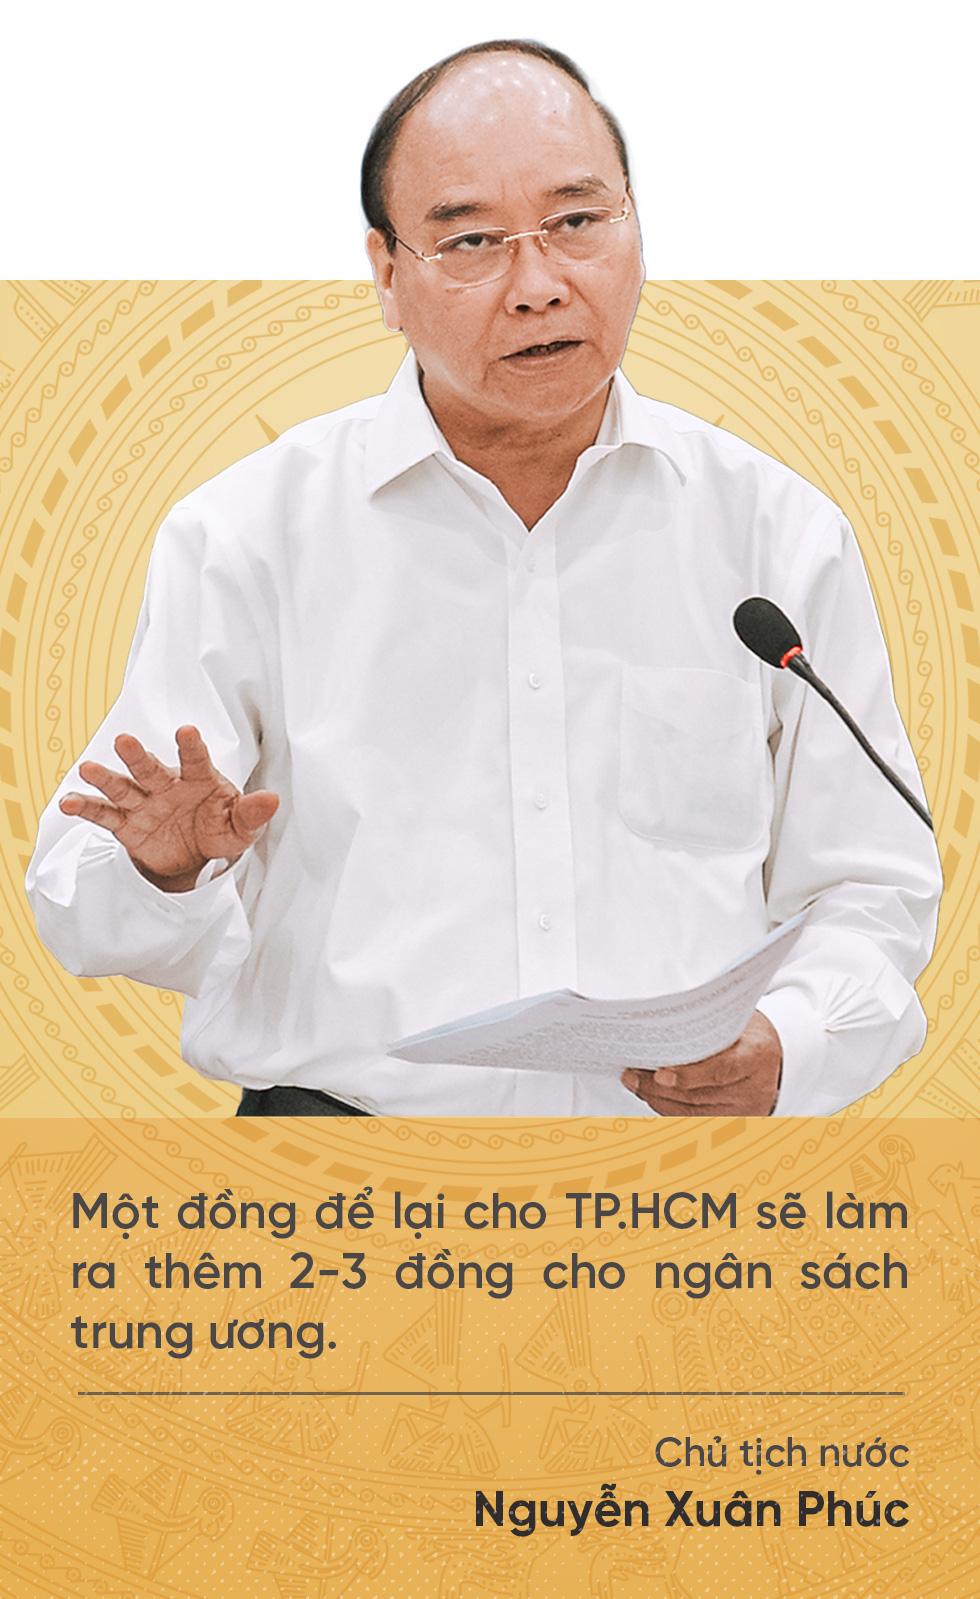 Chủ tịch nước Nguyễn Xuân Phúc: Biến truyền thống hào hùng thành sức mạnh phát triển - Ảnh 2.